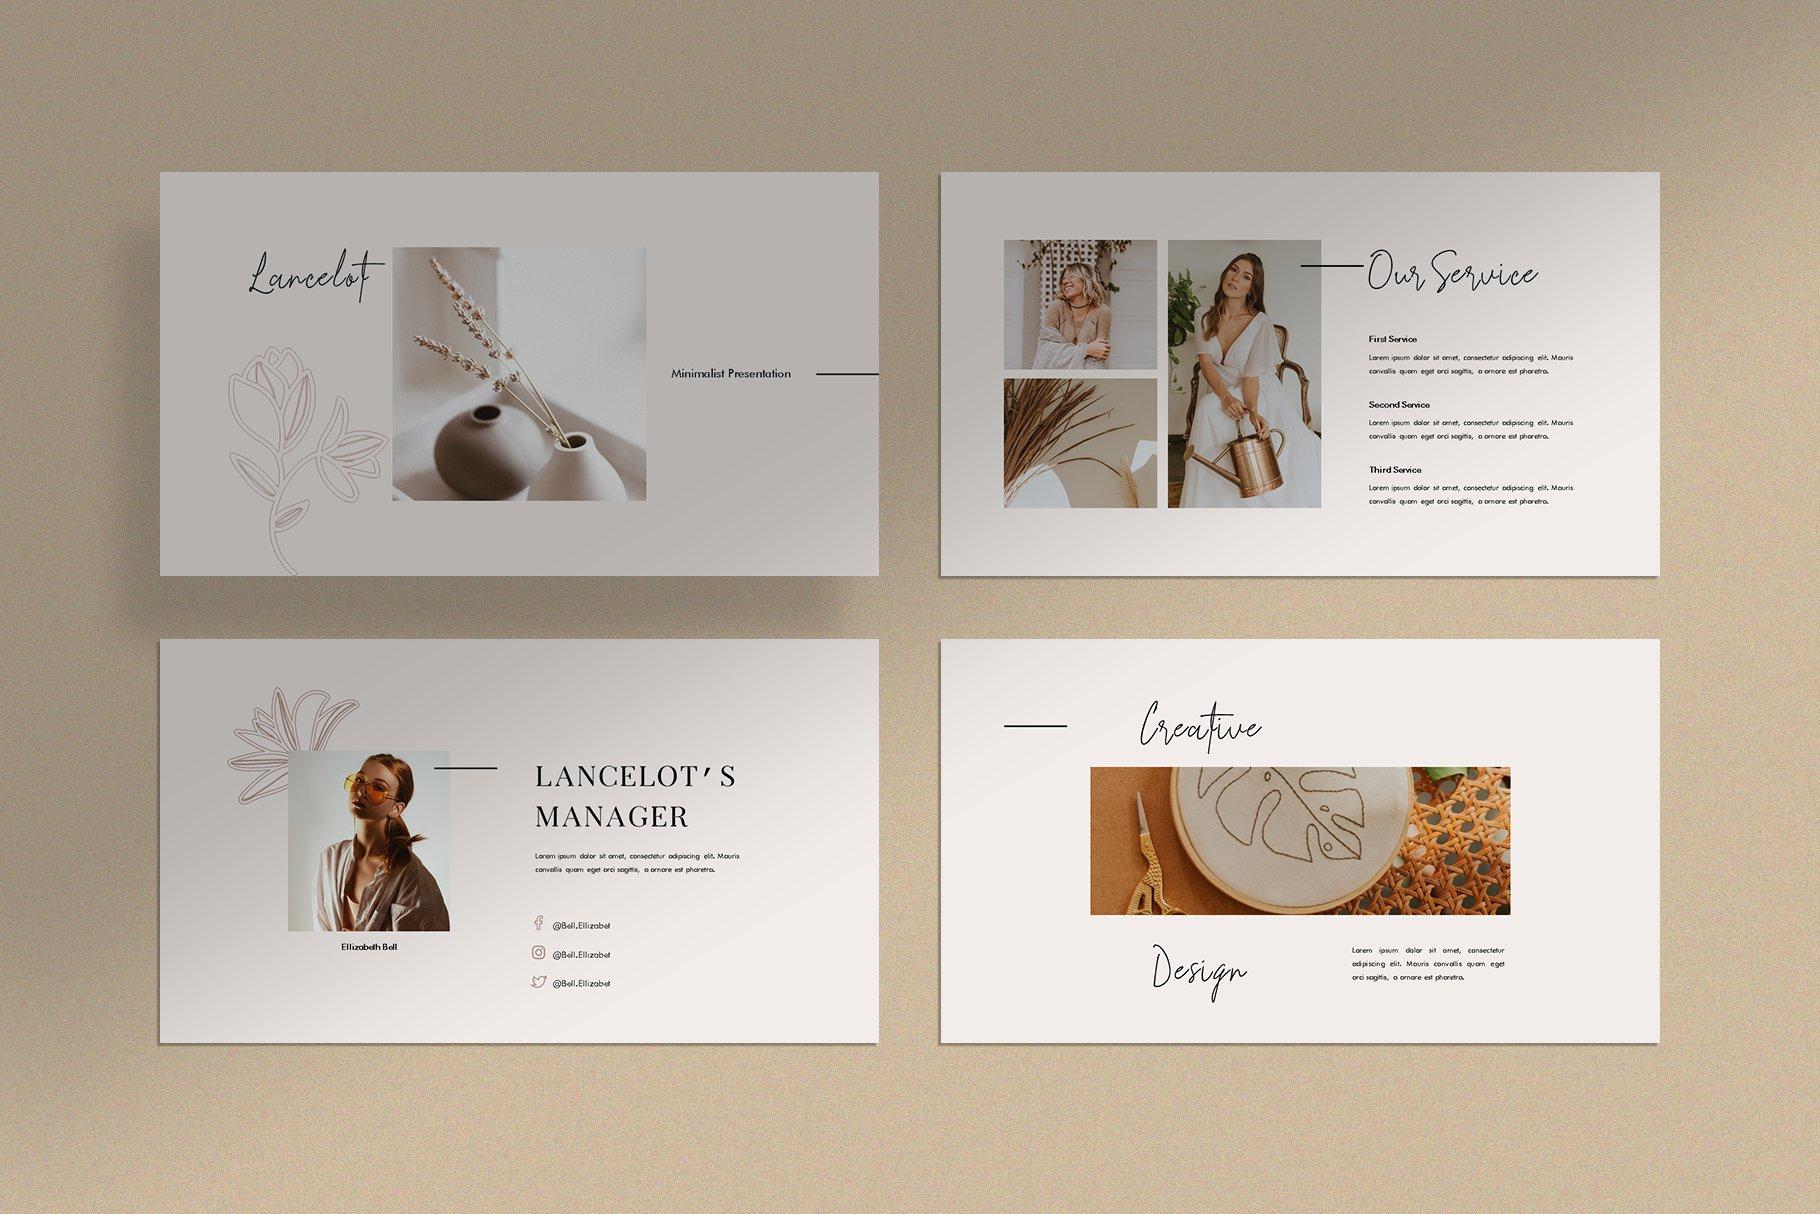 时尚简约女性服装摄影作品集PPT幻灯片模板 Lancelot Presentation Template插图(5)